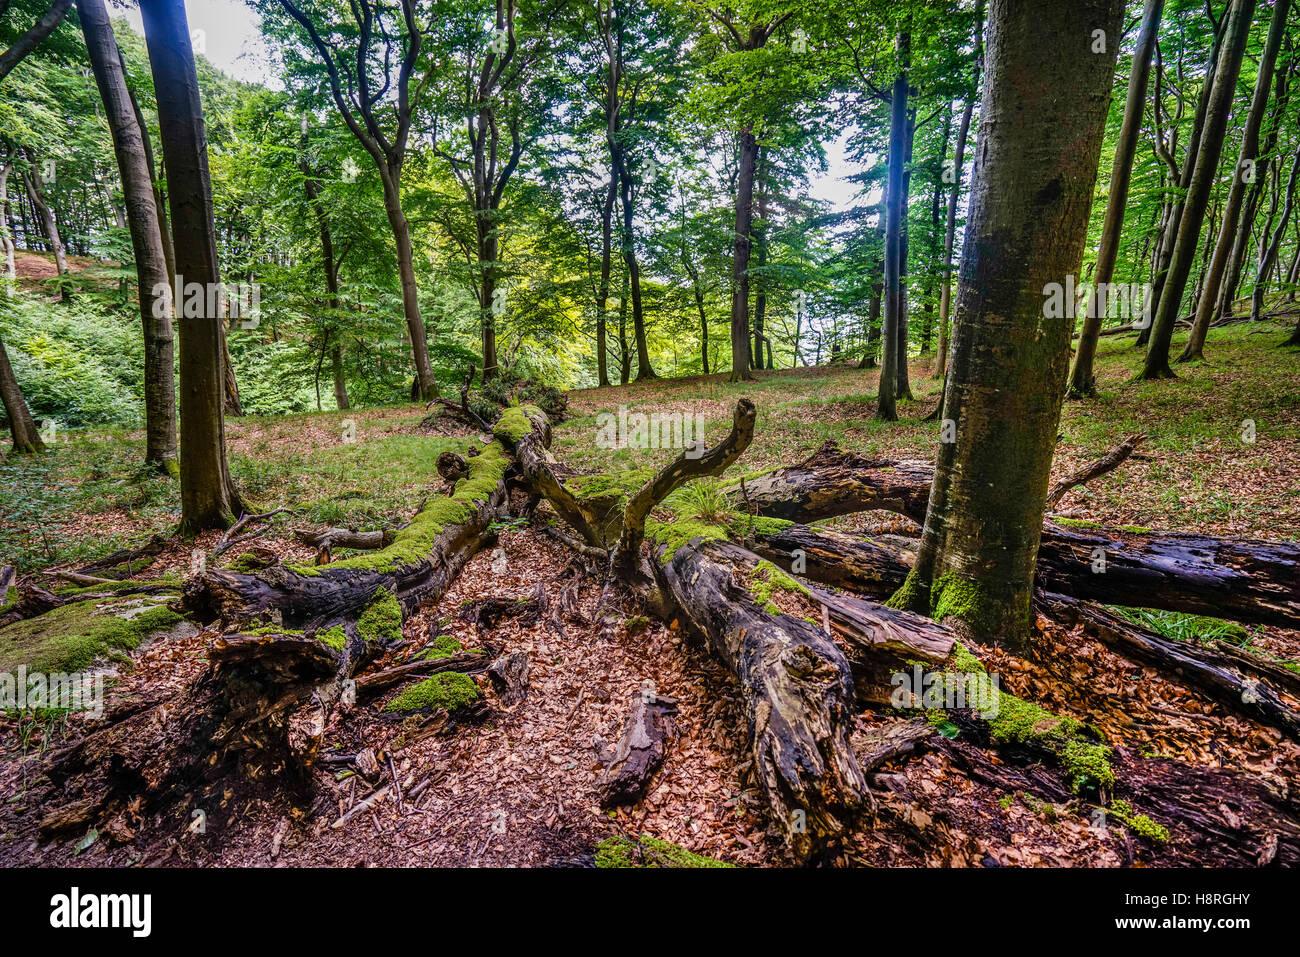 Primeval Beech Forest at Jasmund National Park on the island of Rügen, Mecklenburg-Vorpommern, Germany - Stock Image